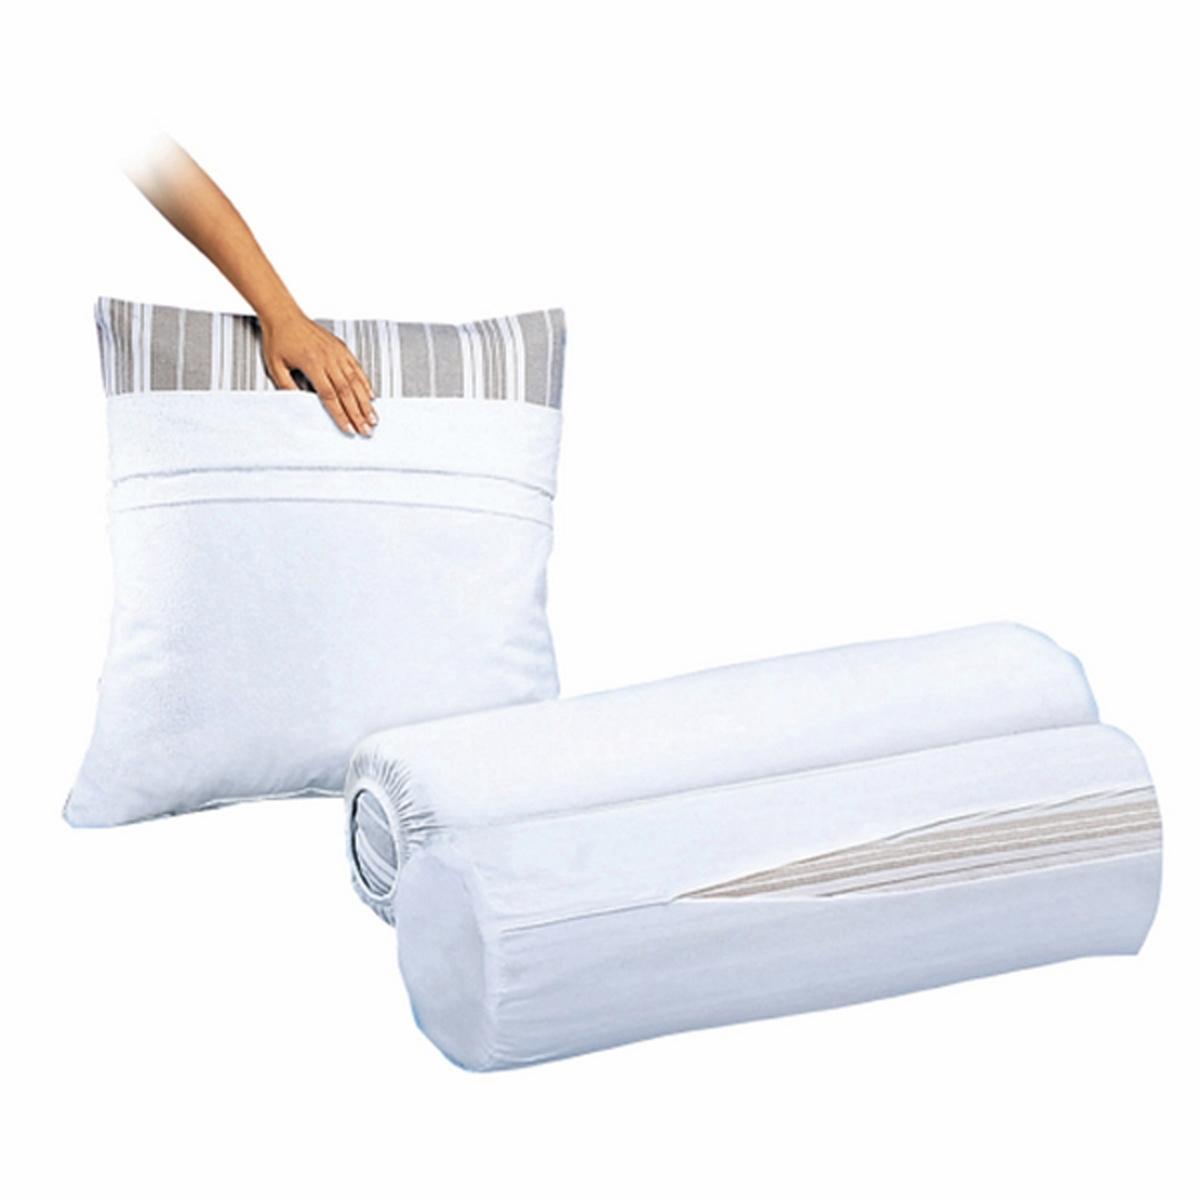 Комплект из 2-х защитных наволочек из кретона, 100% хлопкаУ защитных наволочек для подушек-валиков края на резинках. Уход: Стирка при 95°С. Размеры:90 x 75 см, 140 x 75 см.Продаётся комплектом из 2-х наволочек.<br><br>Цвет: белый<br>Размер: длина: 90 см